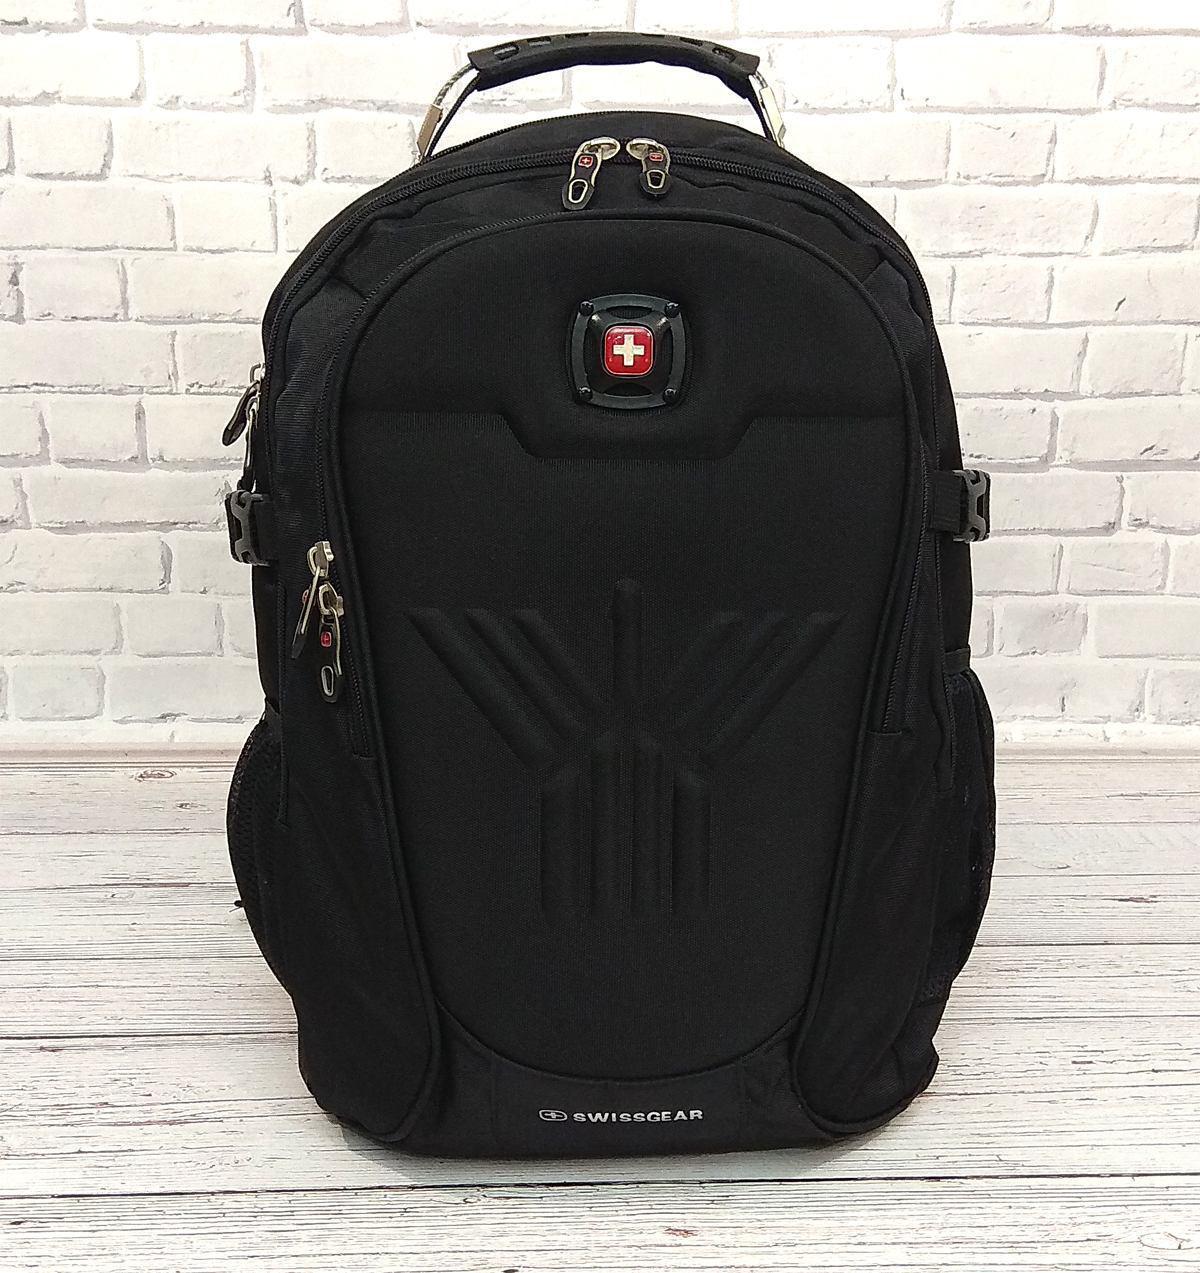 Місткий рюкзак SwissGear Wenger, свисгир. Чорний. + Дощовик. 35L / s8875 black